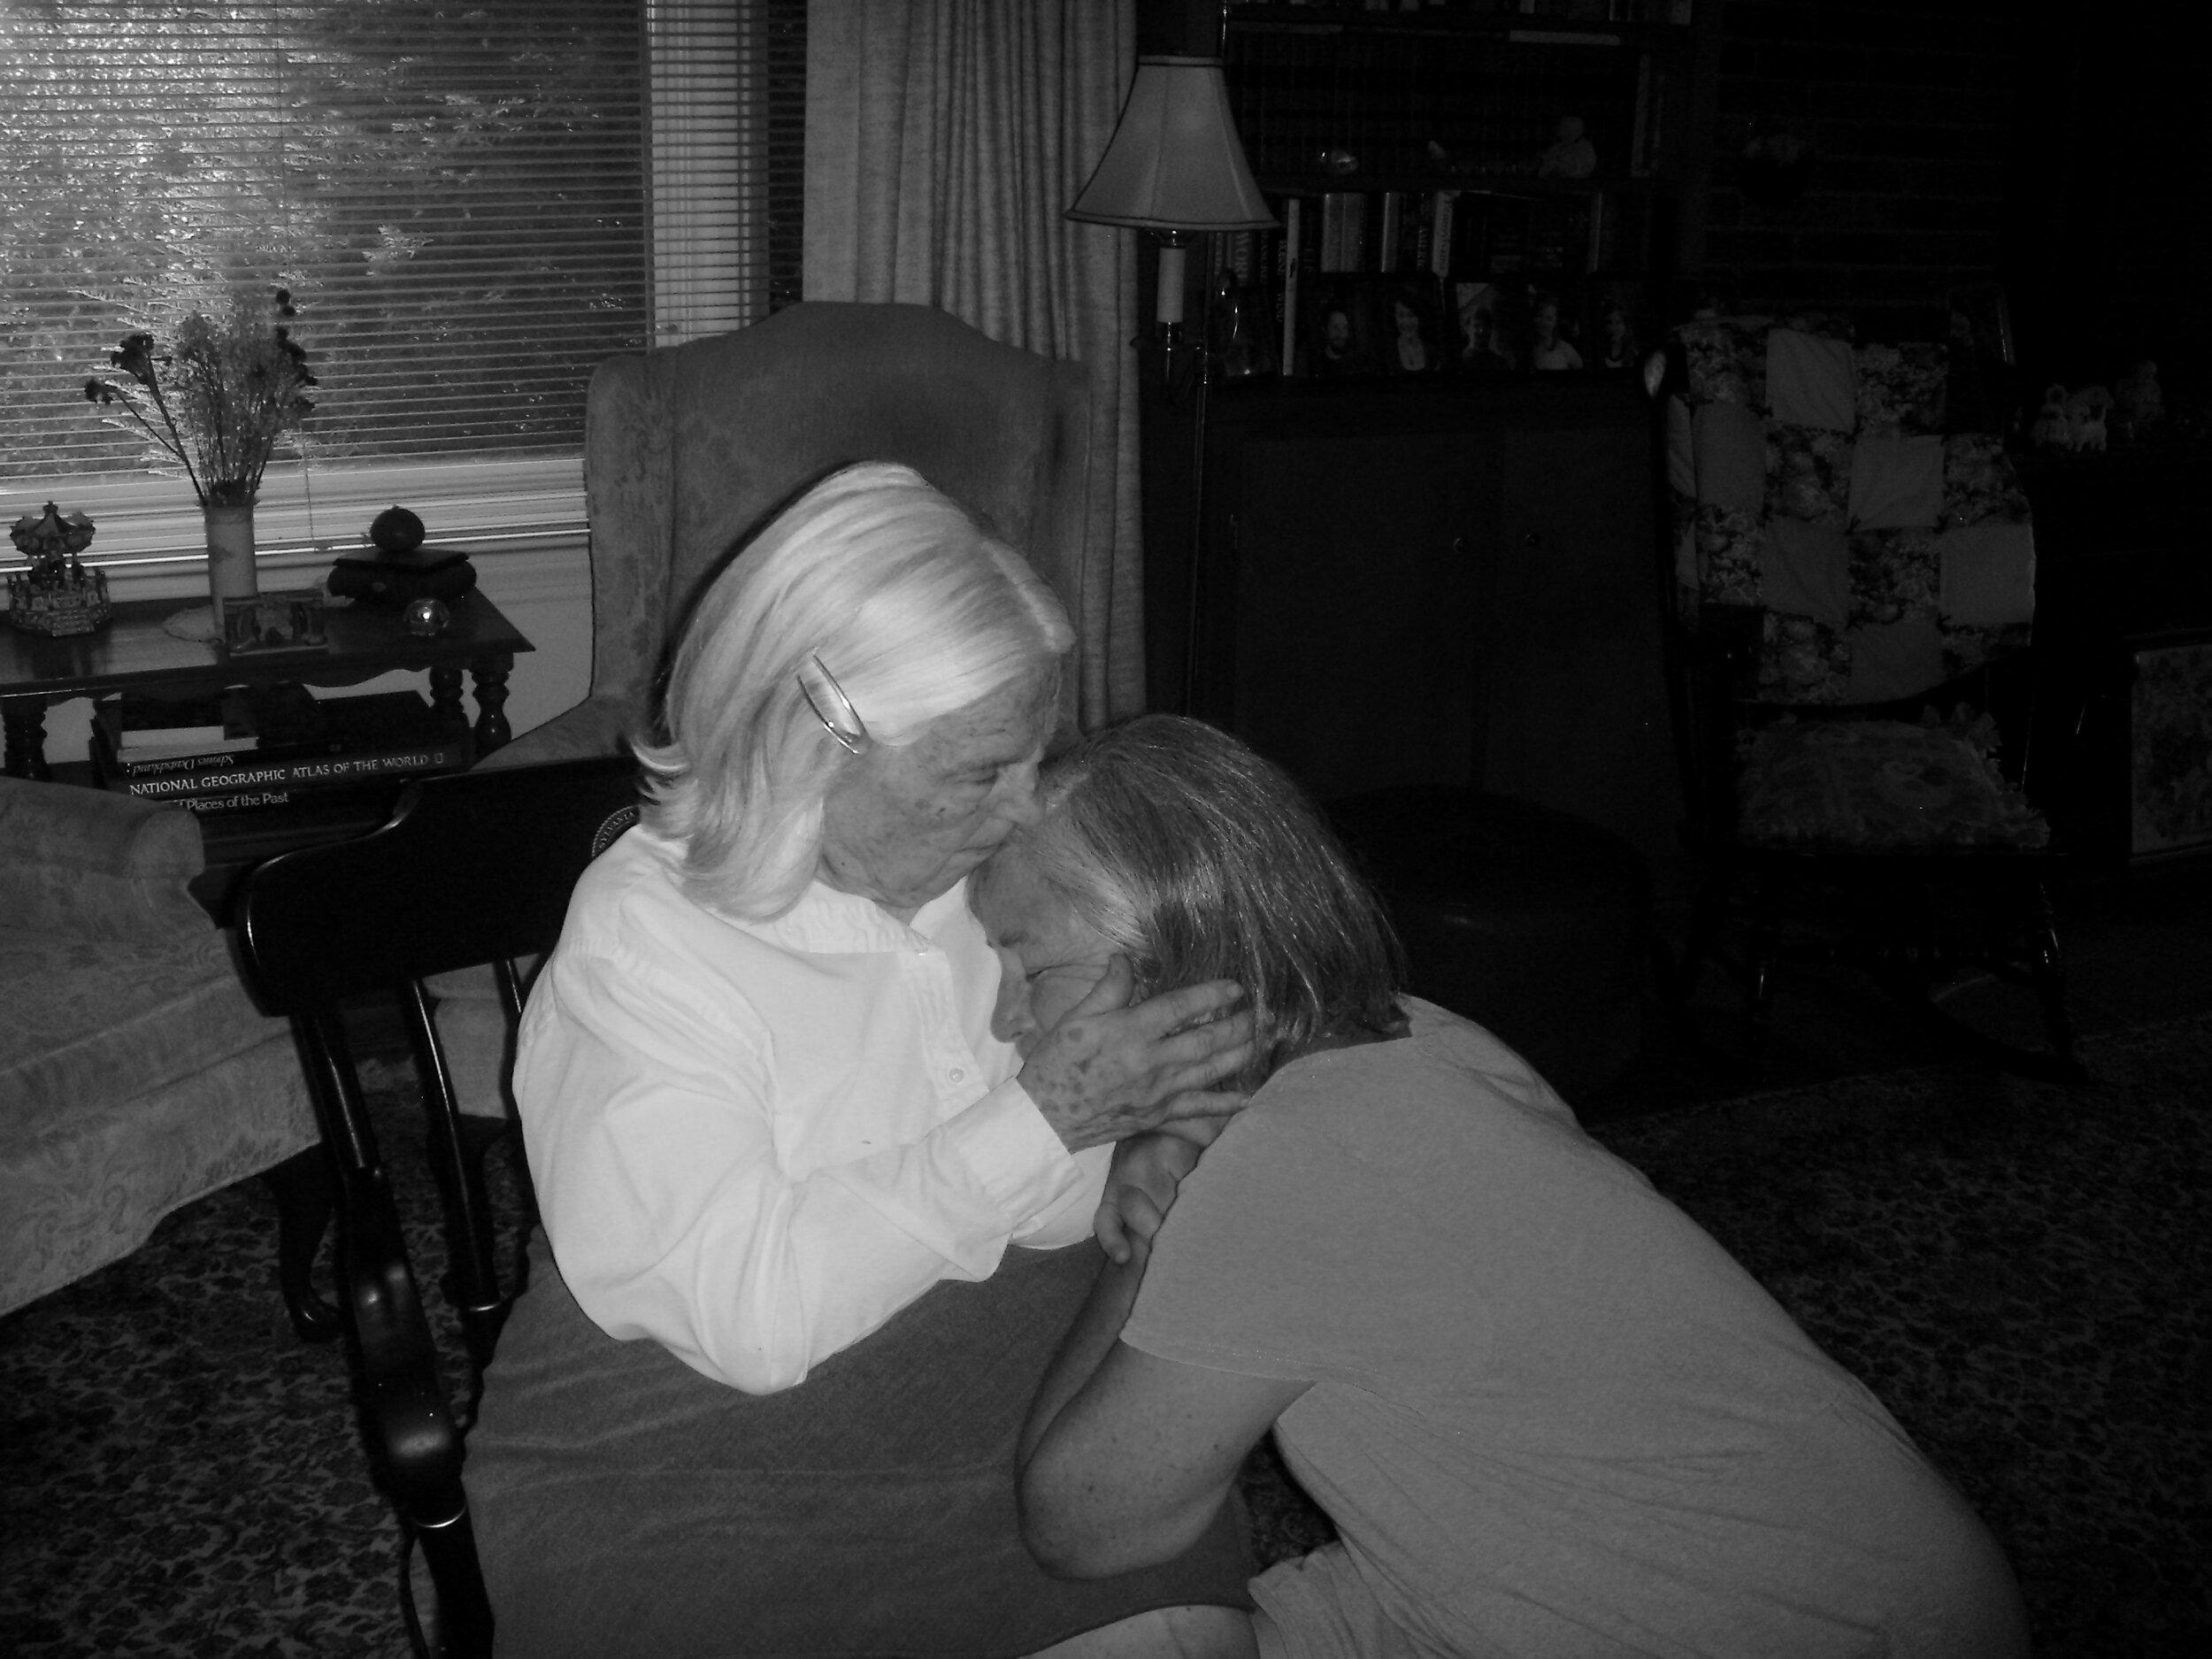 grandma and mum